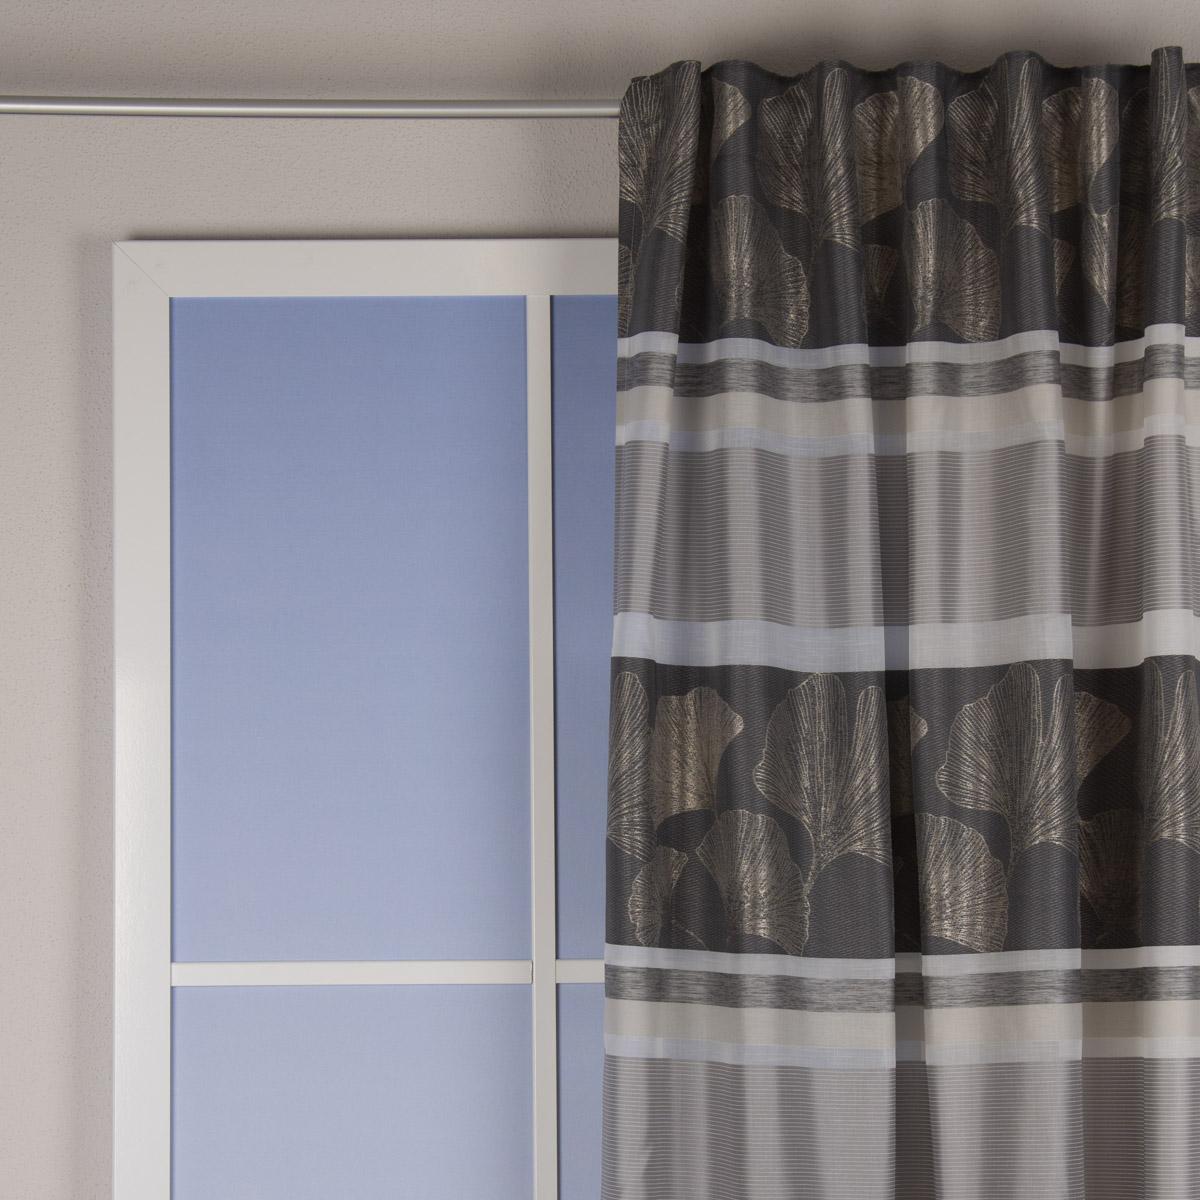 Fertigschal mit Schlaufenband Ginkgo Jacquardgewebe und Querstreifen grau weiß beige 140x245cm